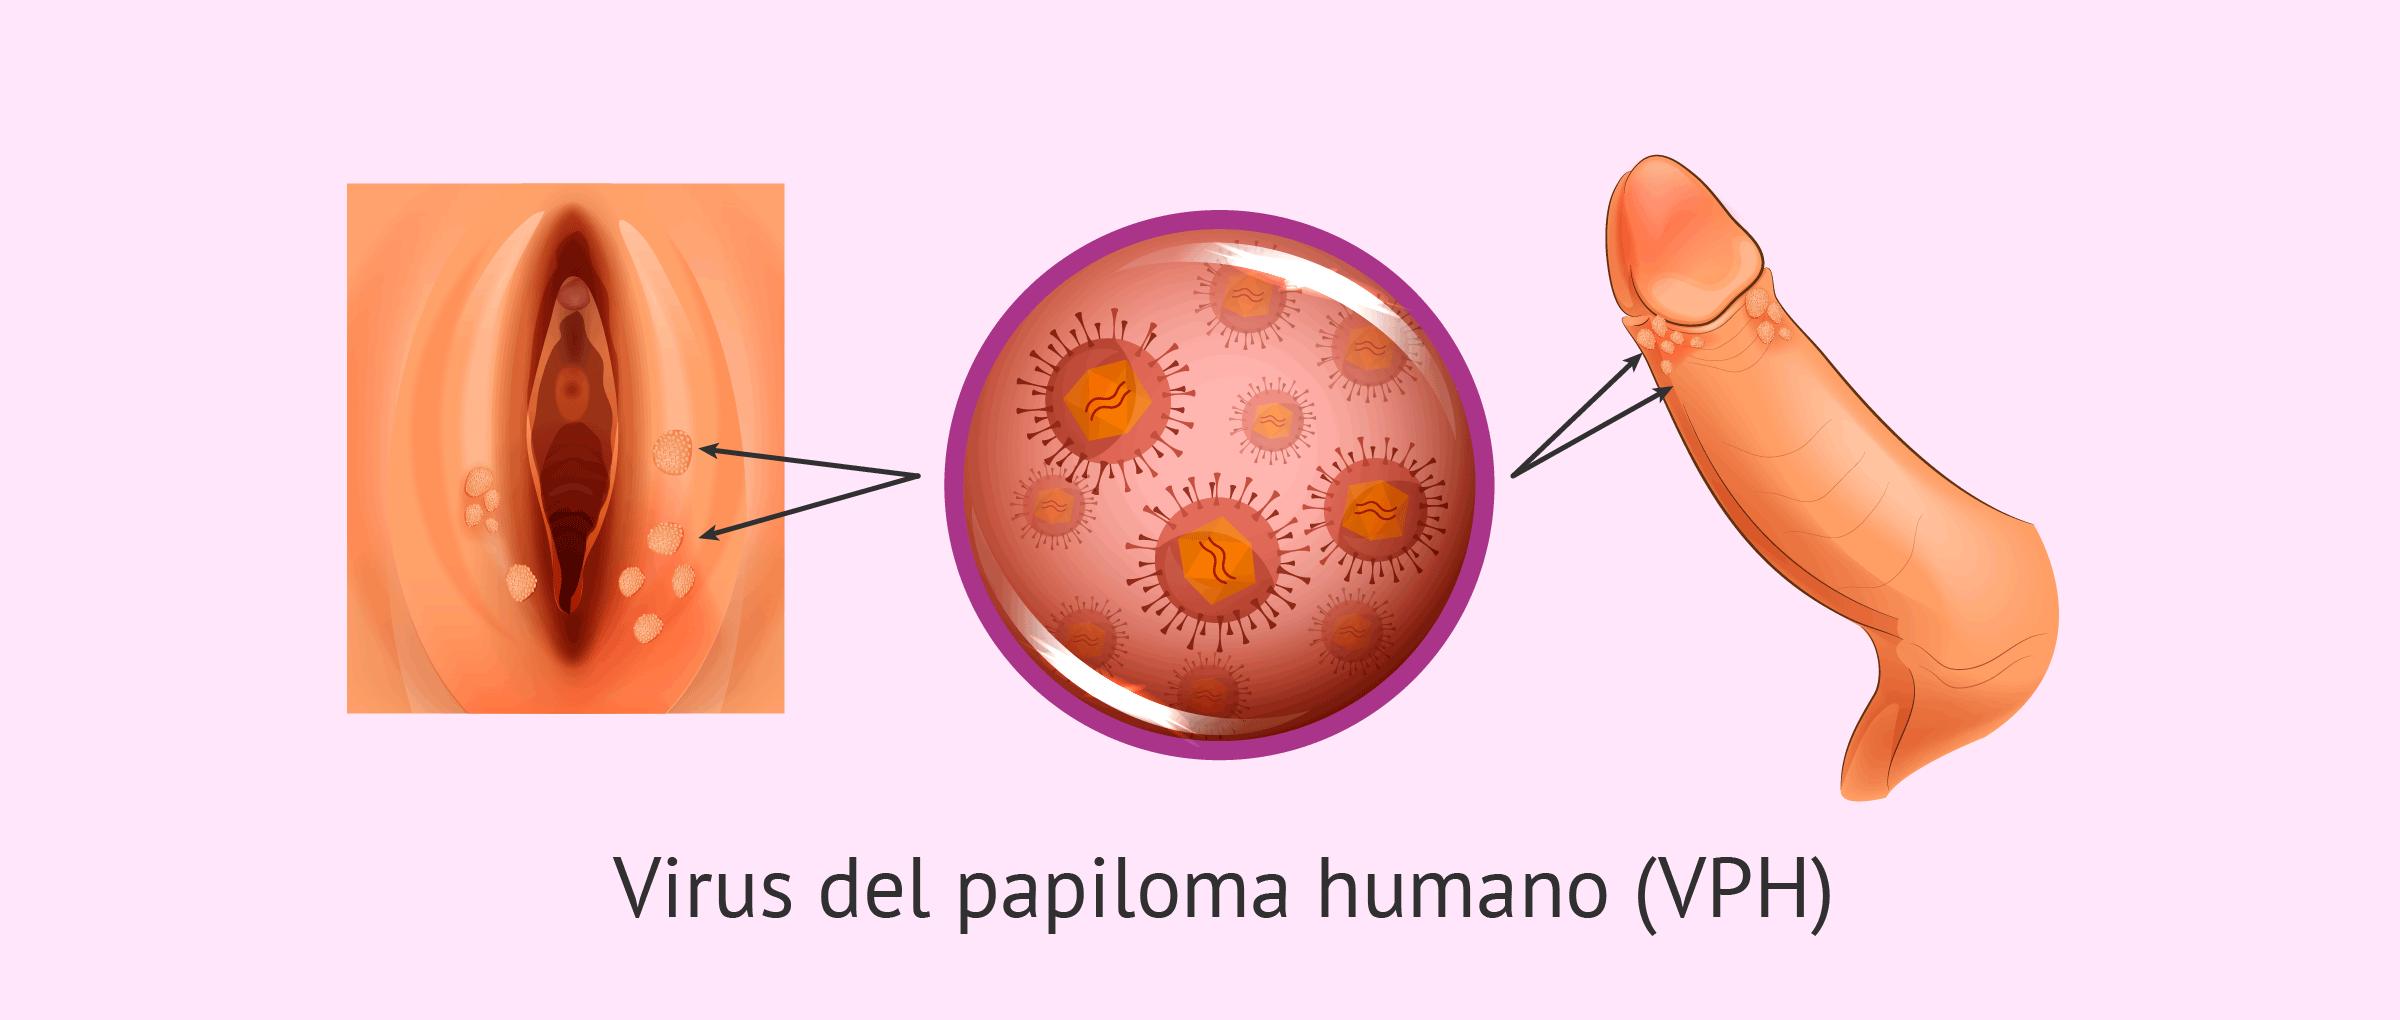 ?como es el virus del papiloma humano en la mujer imagenes